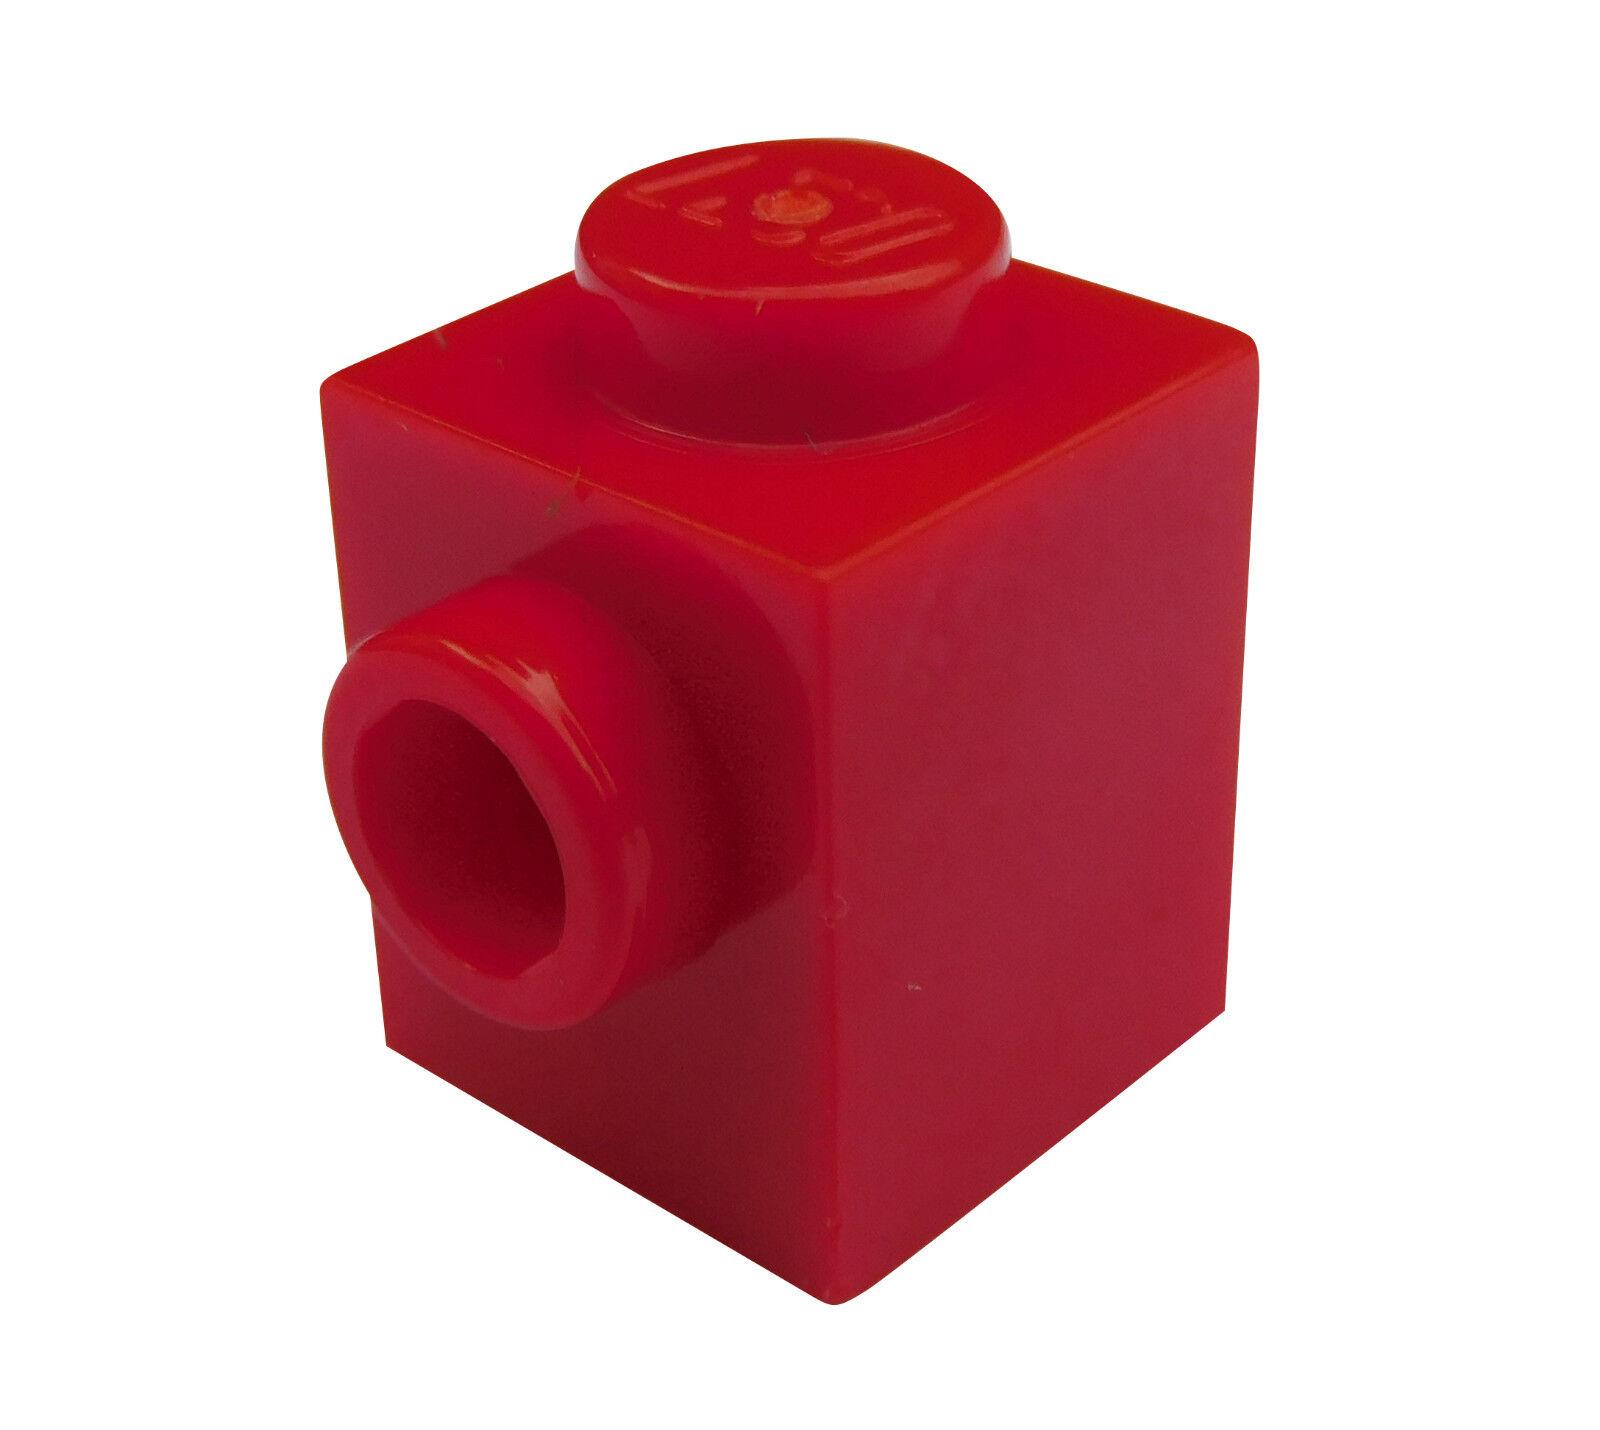 Lego 50 Stück rote Steine 1x6 Stein in rot 3009 City Basics Bausteine Neu